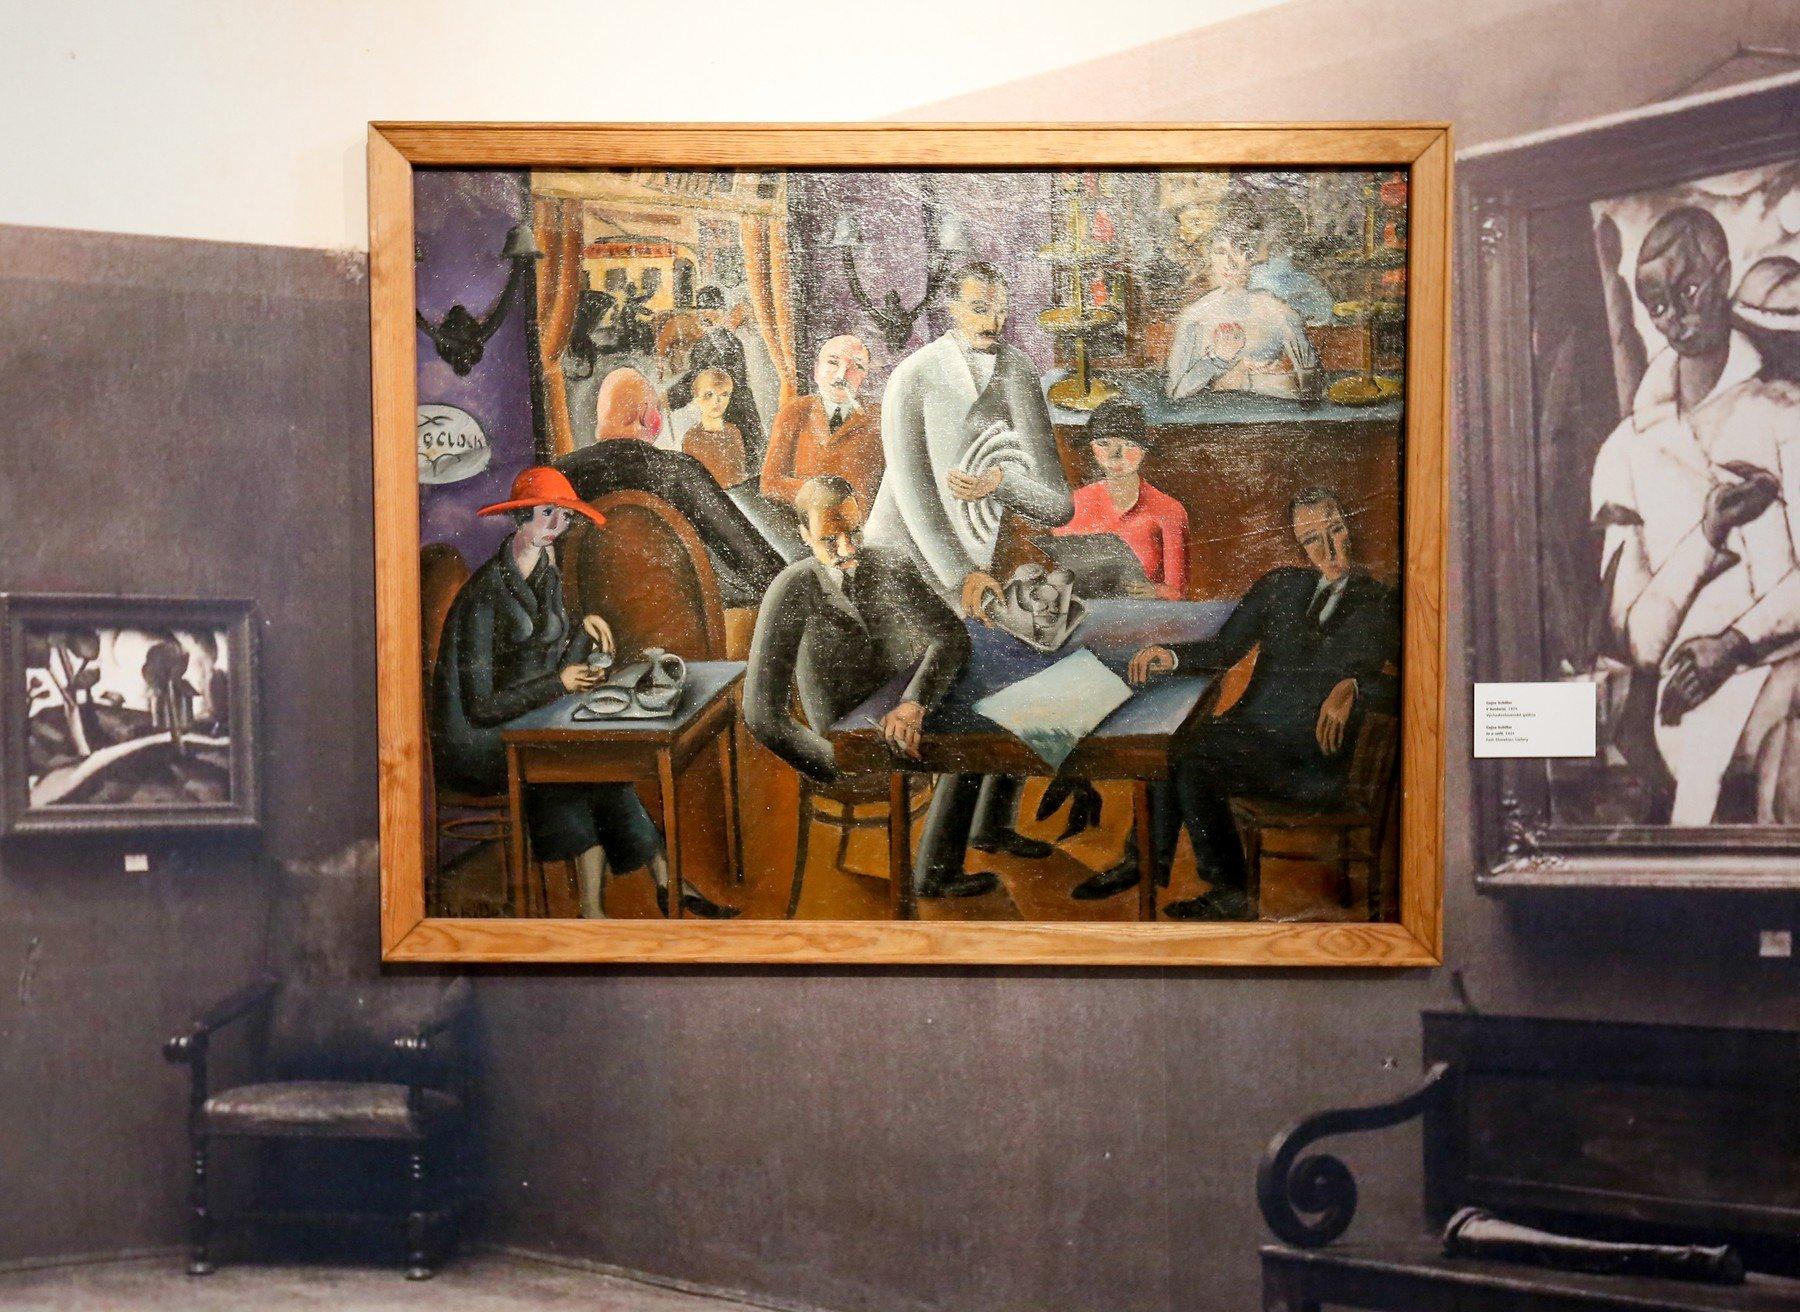 Výstava Košická moderna – Kontexty meziválečného umění zůstane v Alšově jihočeské galerii v Hluboké nad Vltavou do 27. května